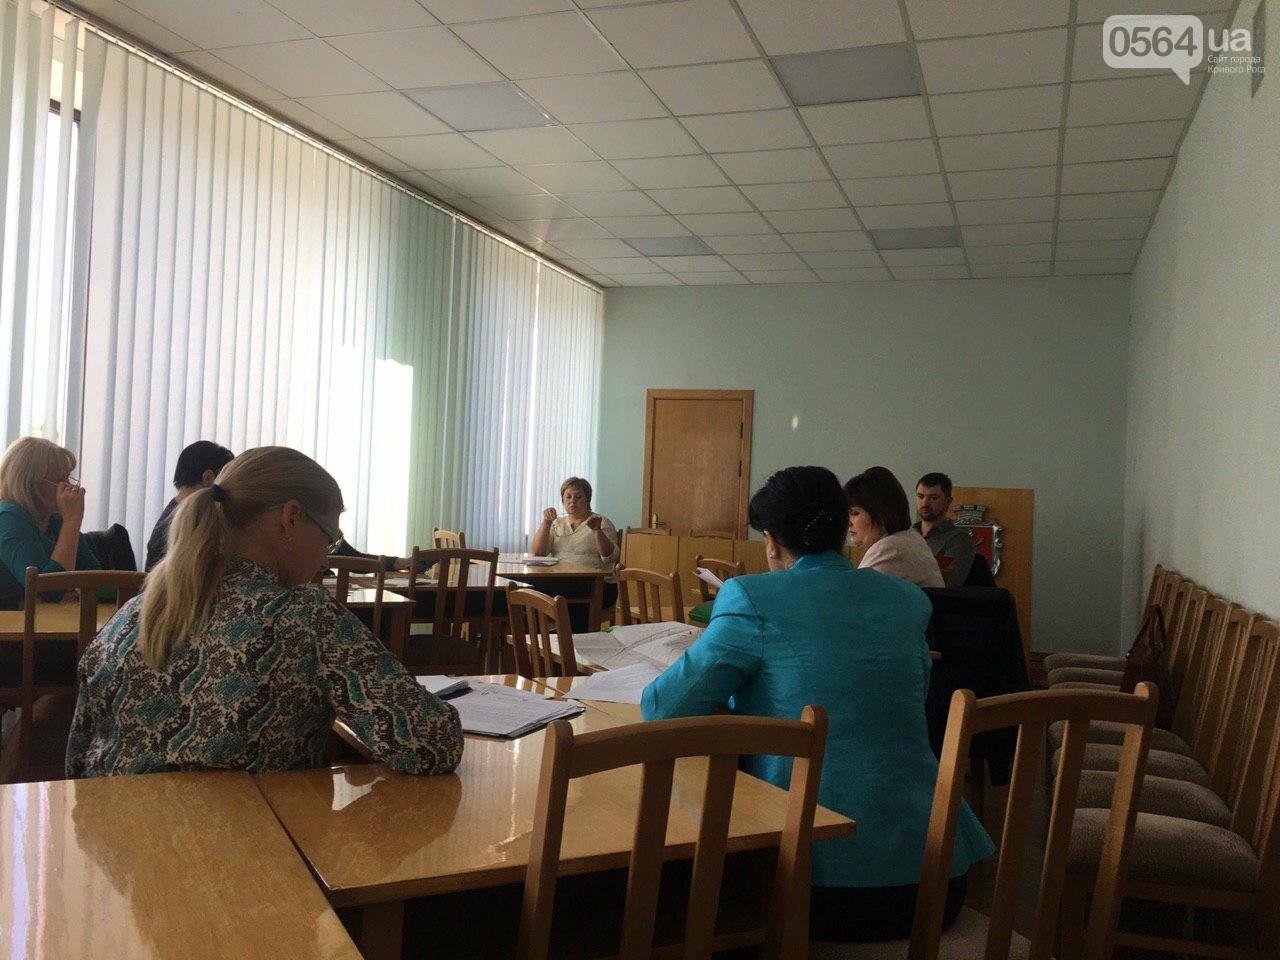 Депутаты Криворожского горсовета обсудили, куда и когда перенесут из зоны обрушения детский сад, - ФОТО , фото-16